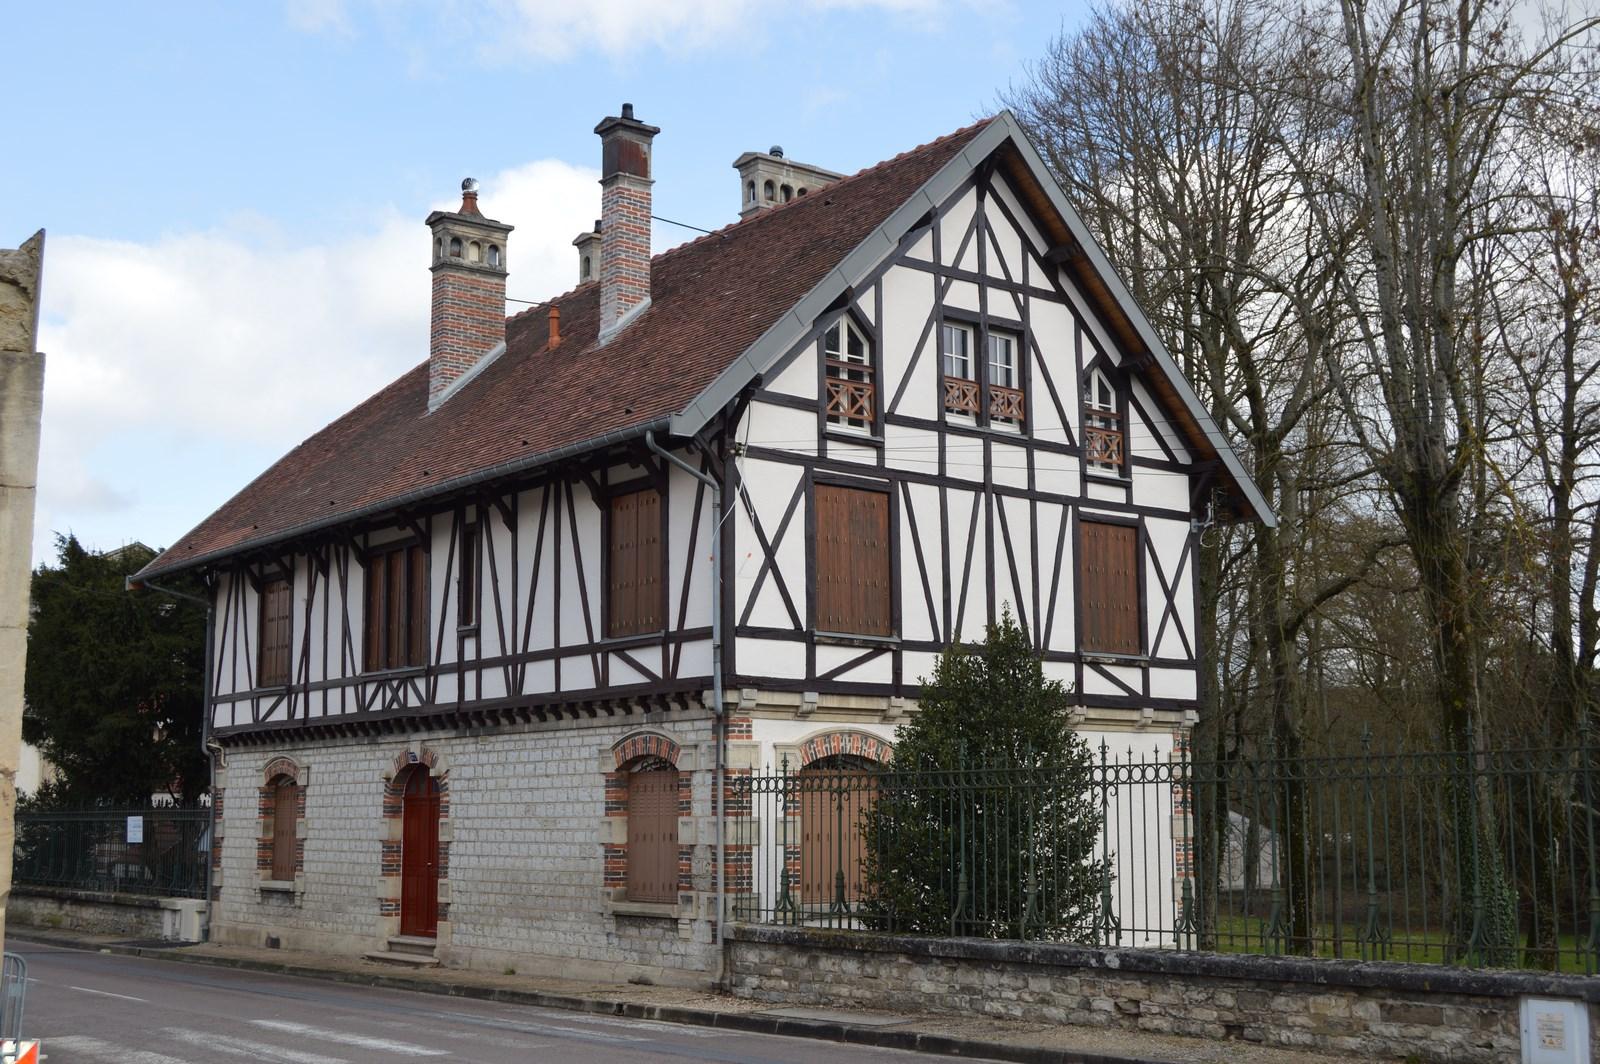 Maison du r gisseur eurville bienville for Eurville bienville